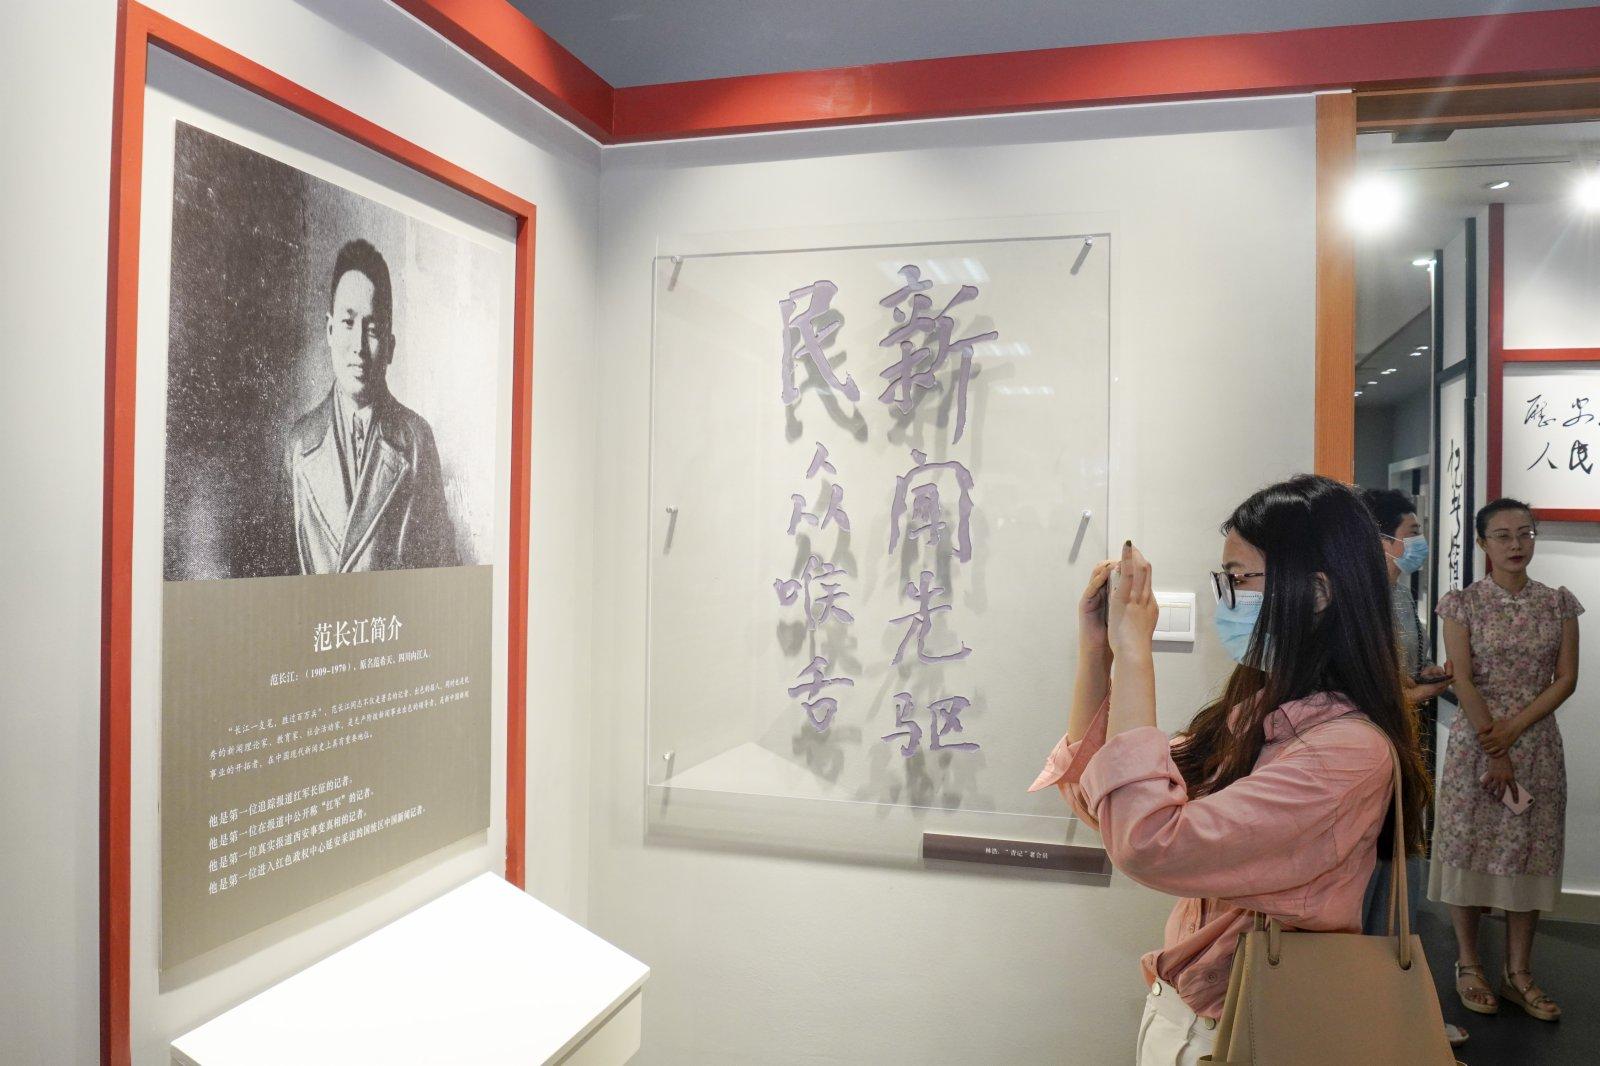 在「范長江與重慶」展覽館內,一名參觀者用手機拍攝展品。